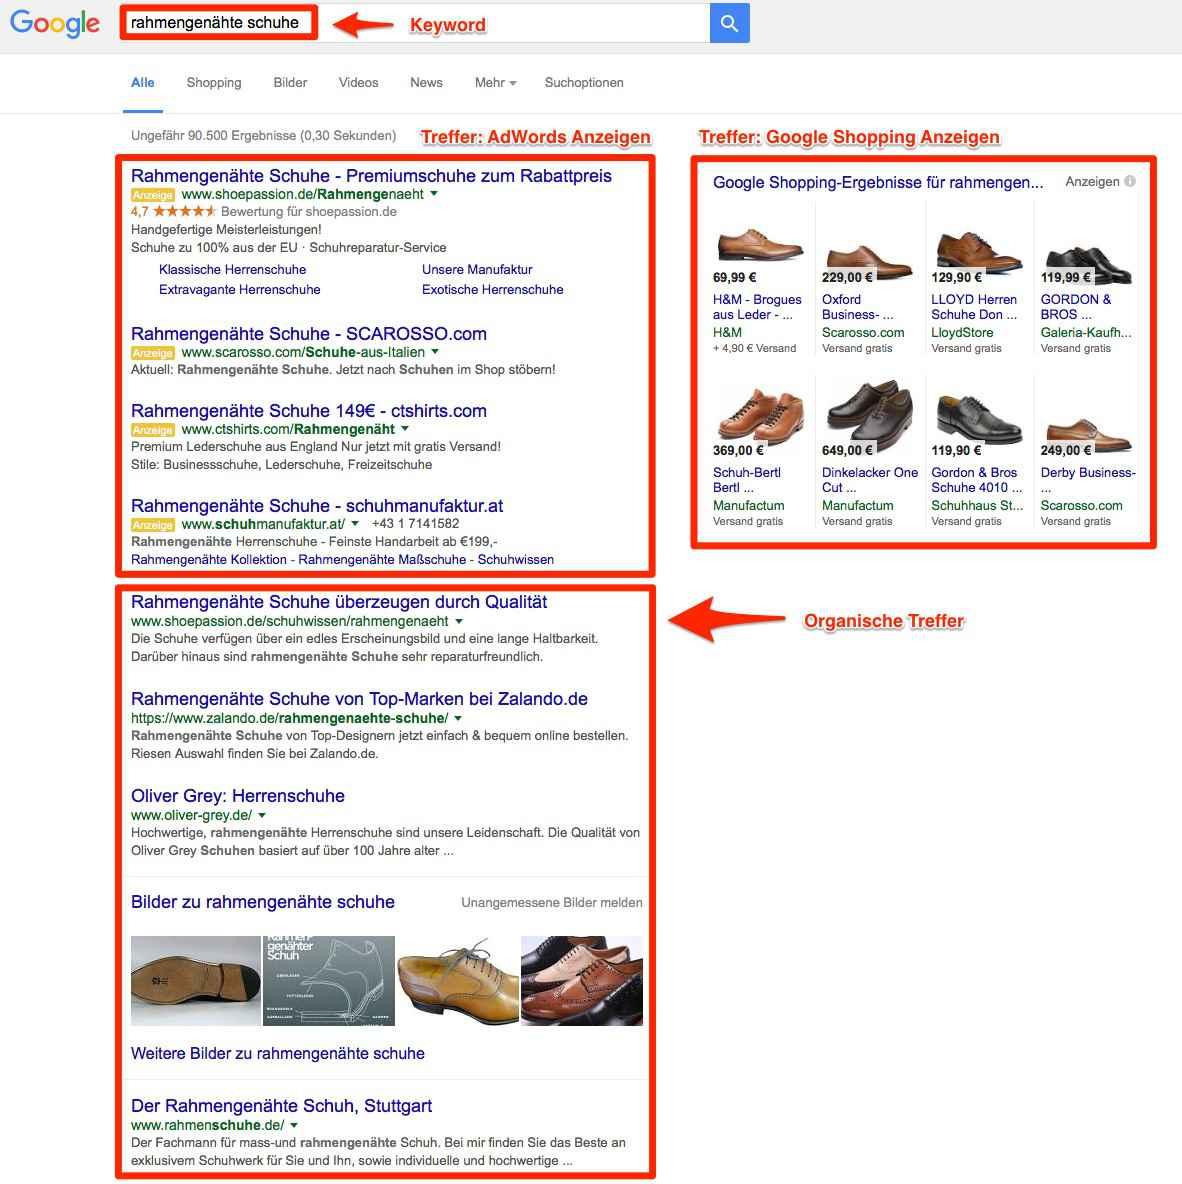 Google-Trefferseite